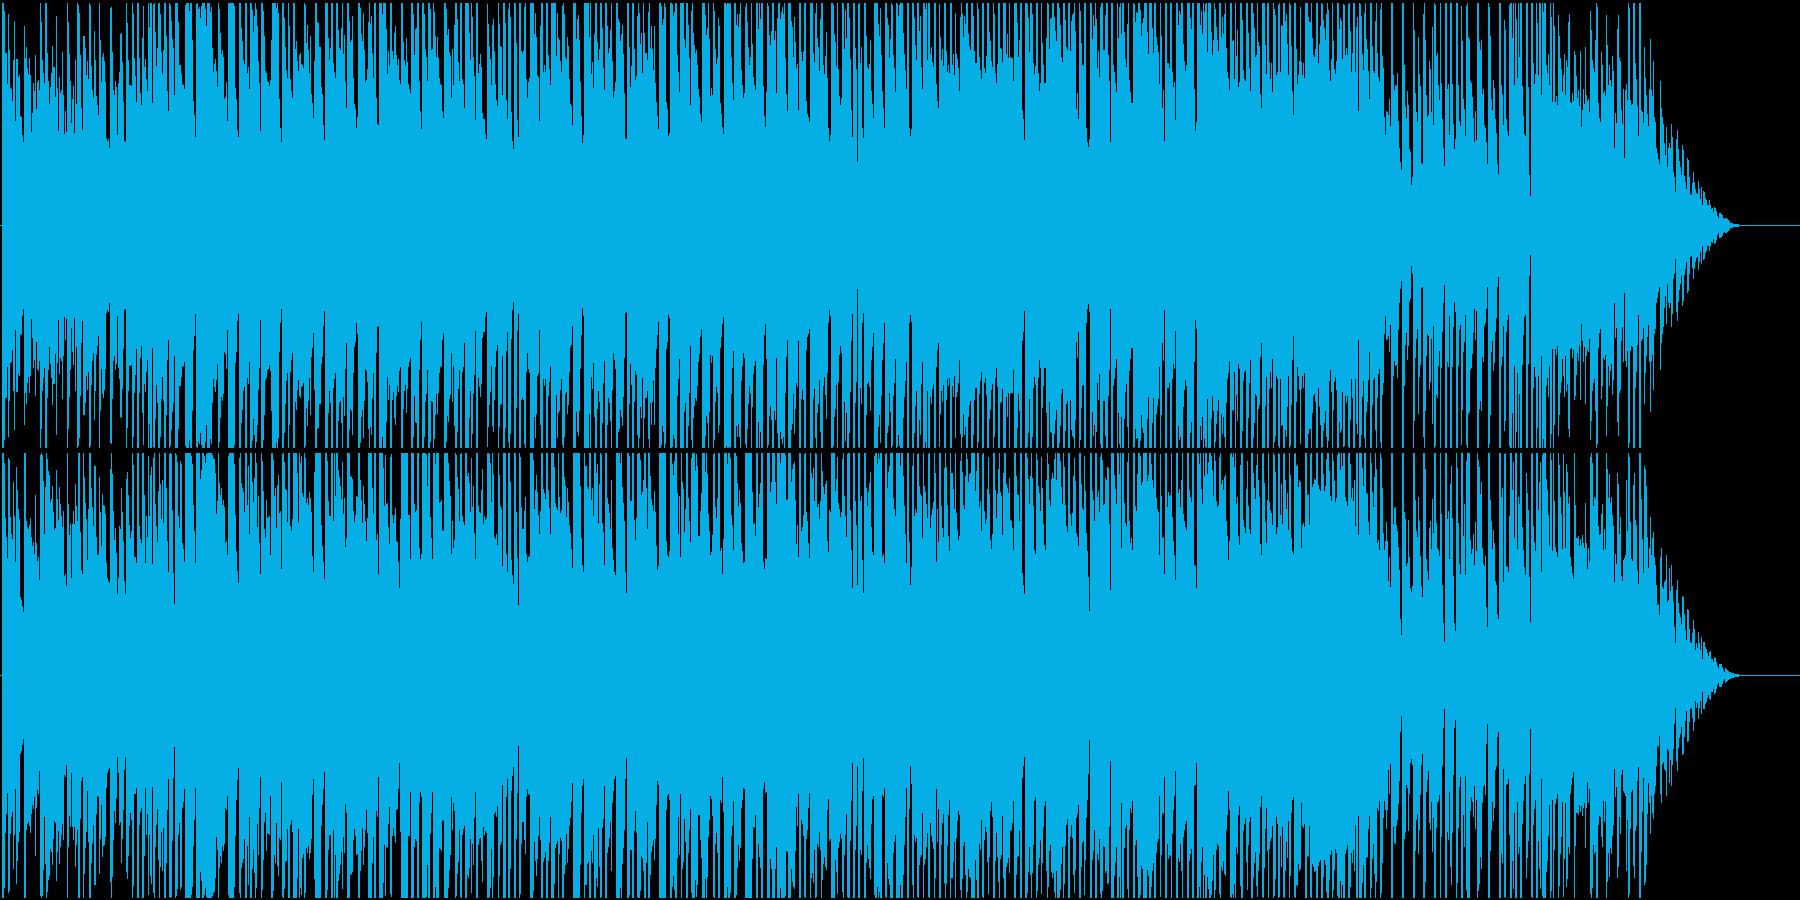 子供のころ遊んでいた思い出のようなBGMの再生済みの波形